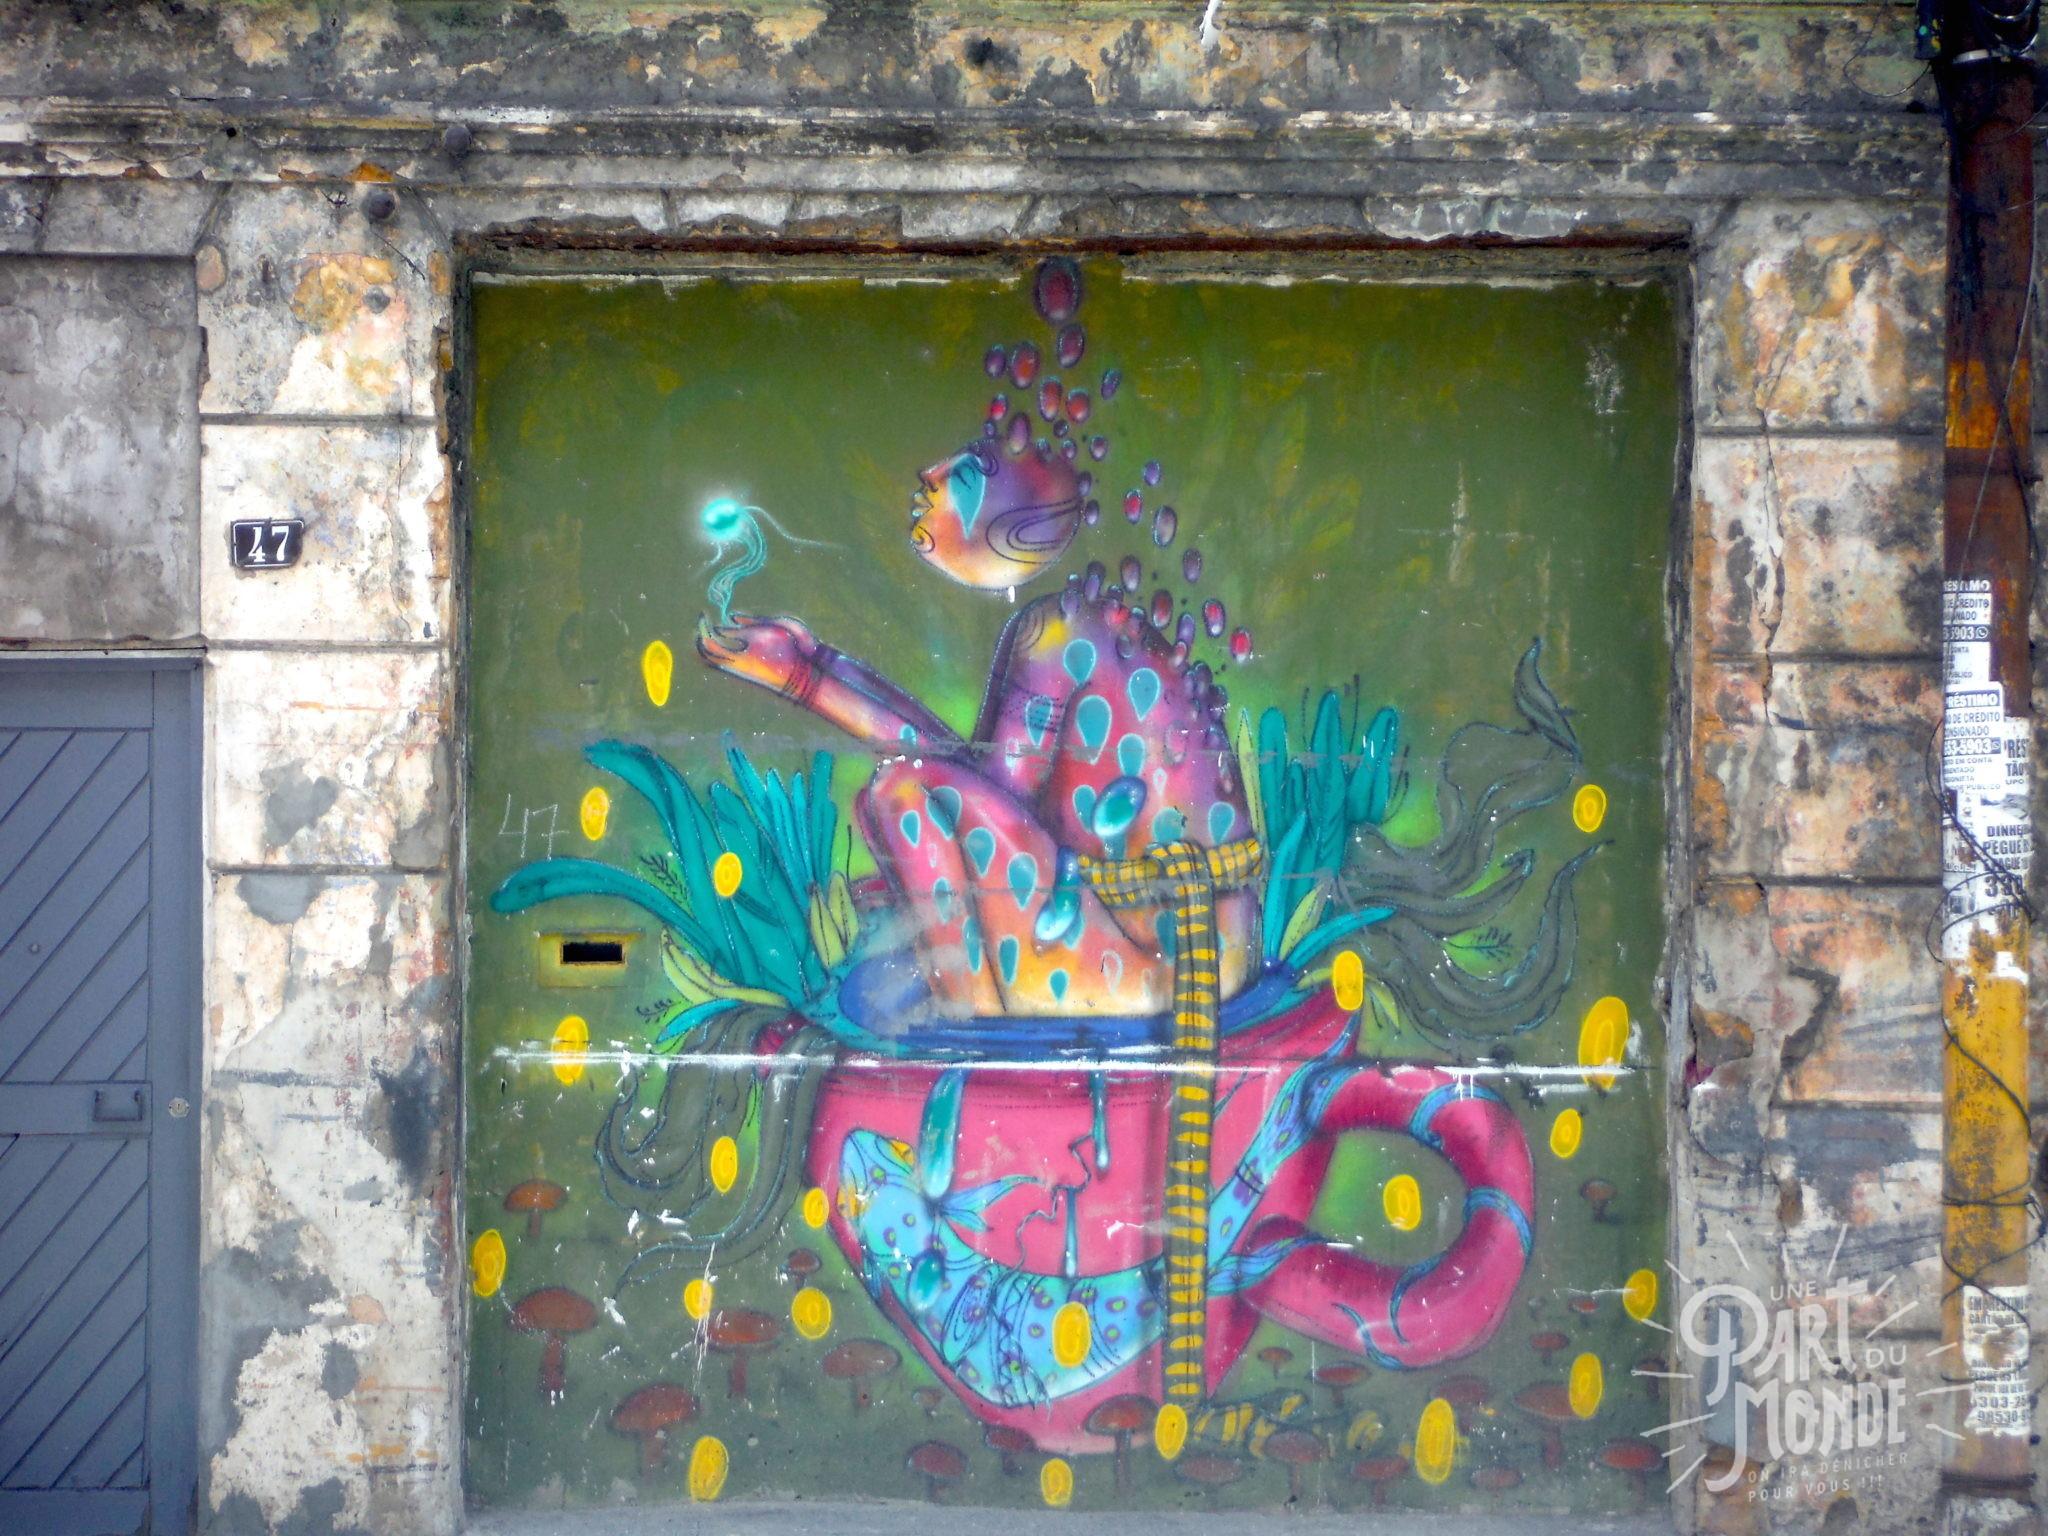 santo antonio salvador de bahia street art